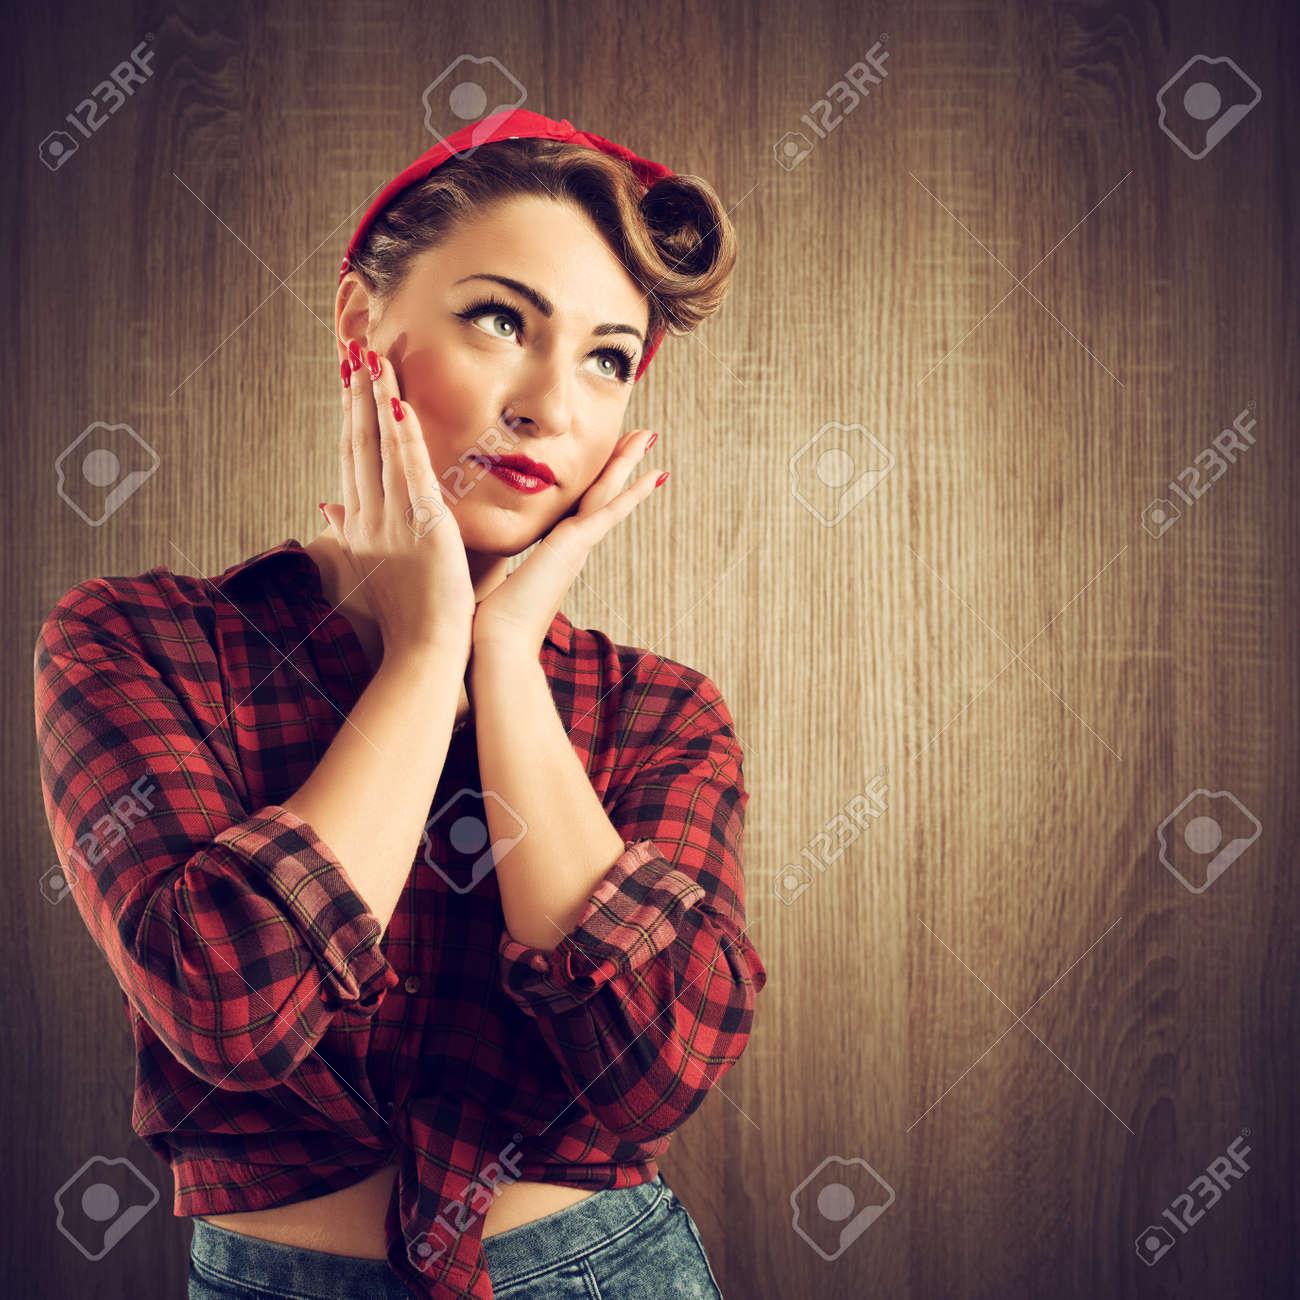 Bonita Chica Pin Up Posando Con Peinado De Los Años 50 Fotos